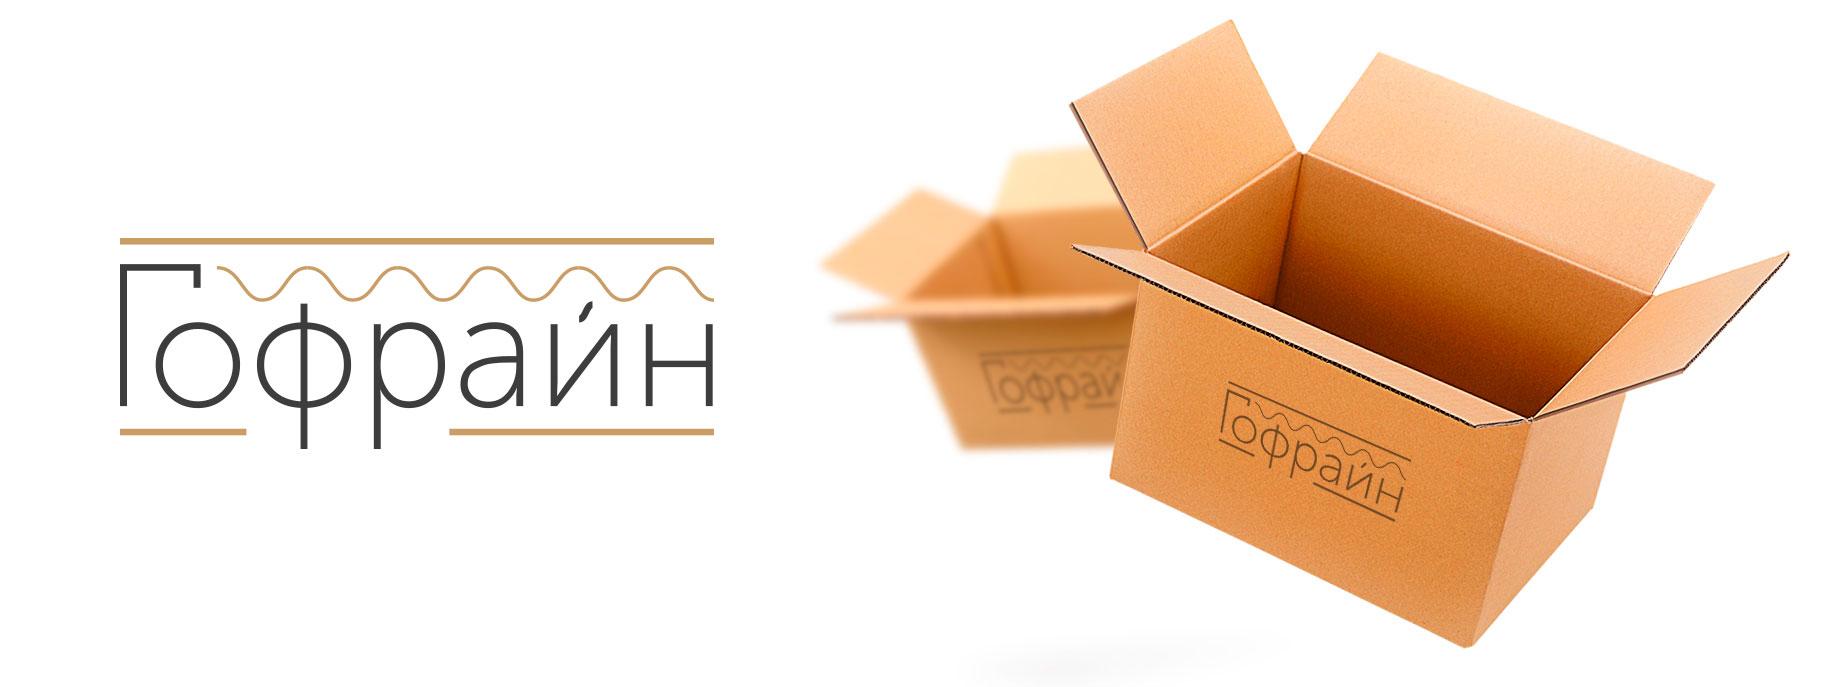 Логотип для компании по реализации упаковки из гофрокартона фото f_4565cdb0309ecb36.jpg